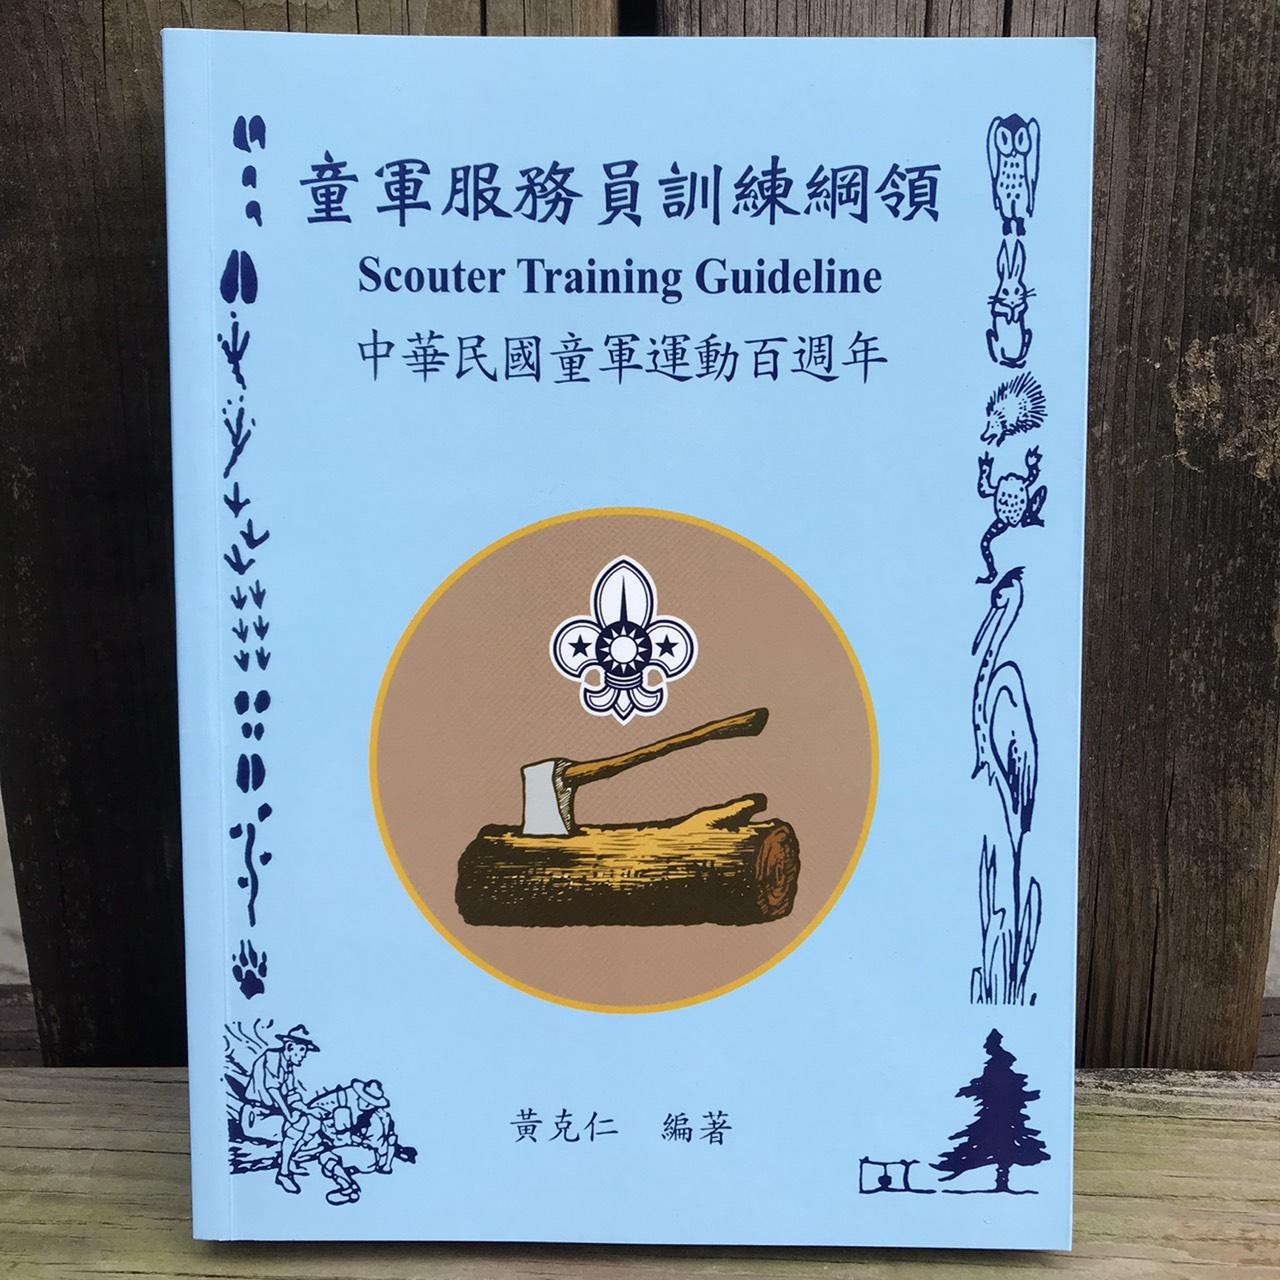 童軍服務員訓練綱領